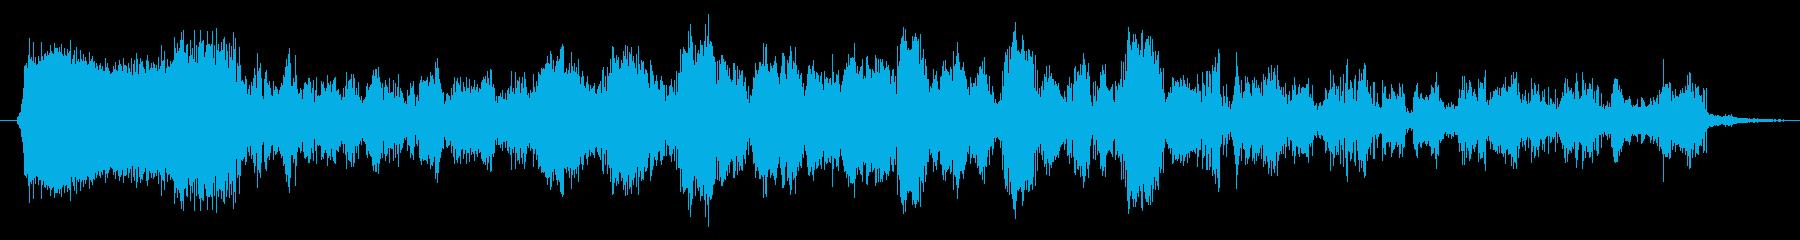 エネルギーアークガン:非常に長い爆発の再生済みの波形